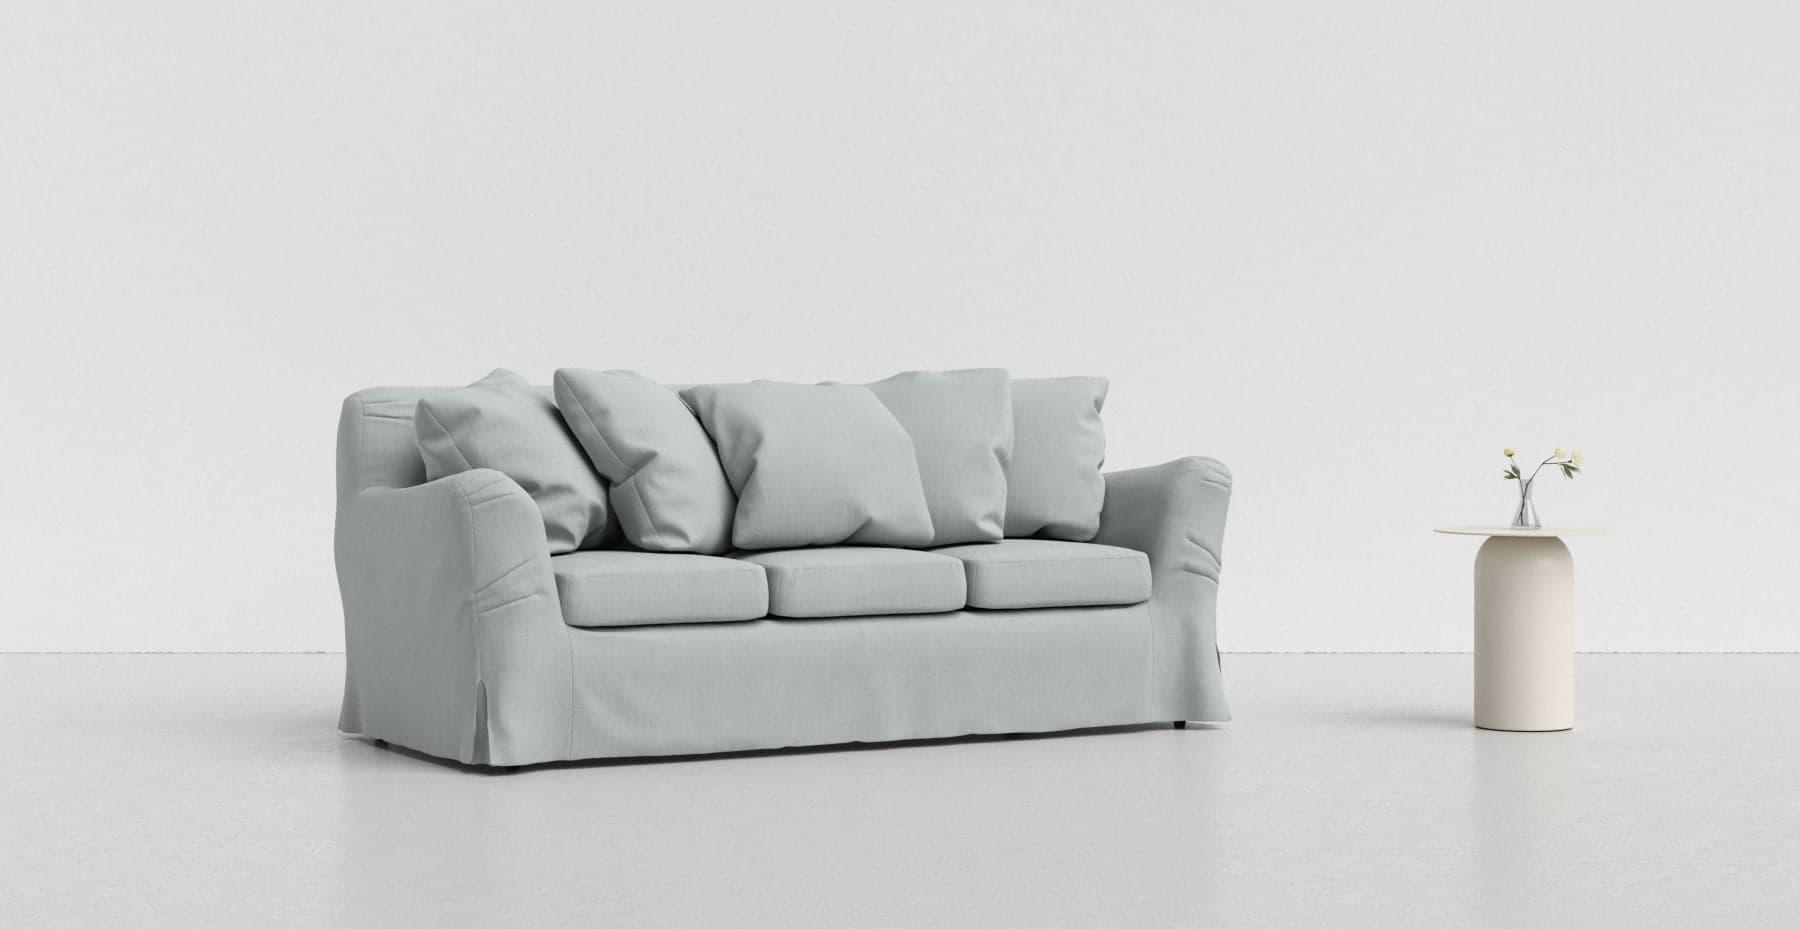 Cuscini Beige Per Divano fodere per divano tomelilla | comfort works